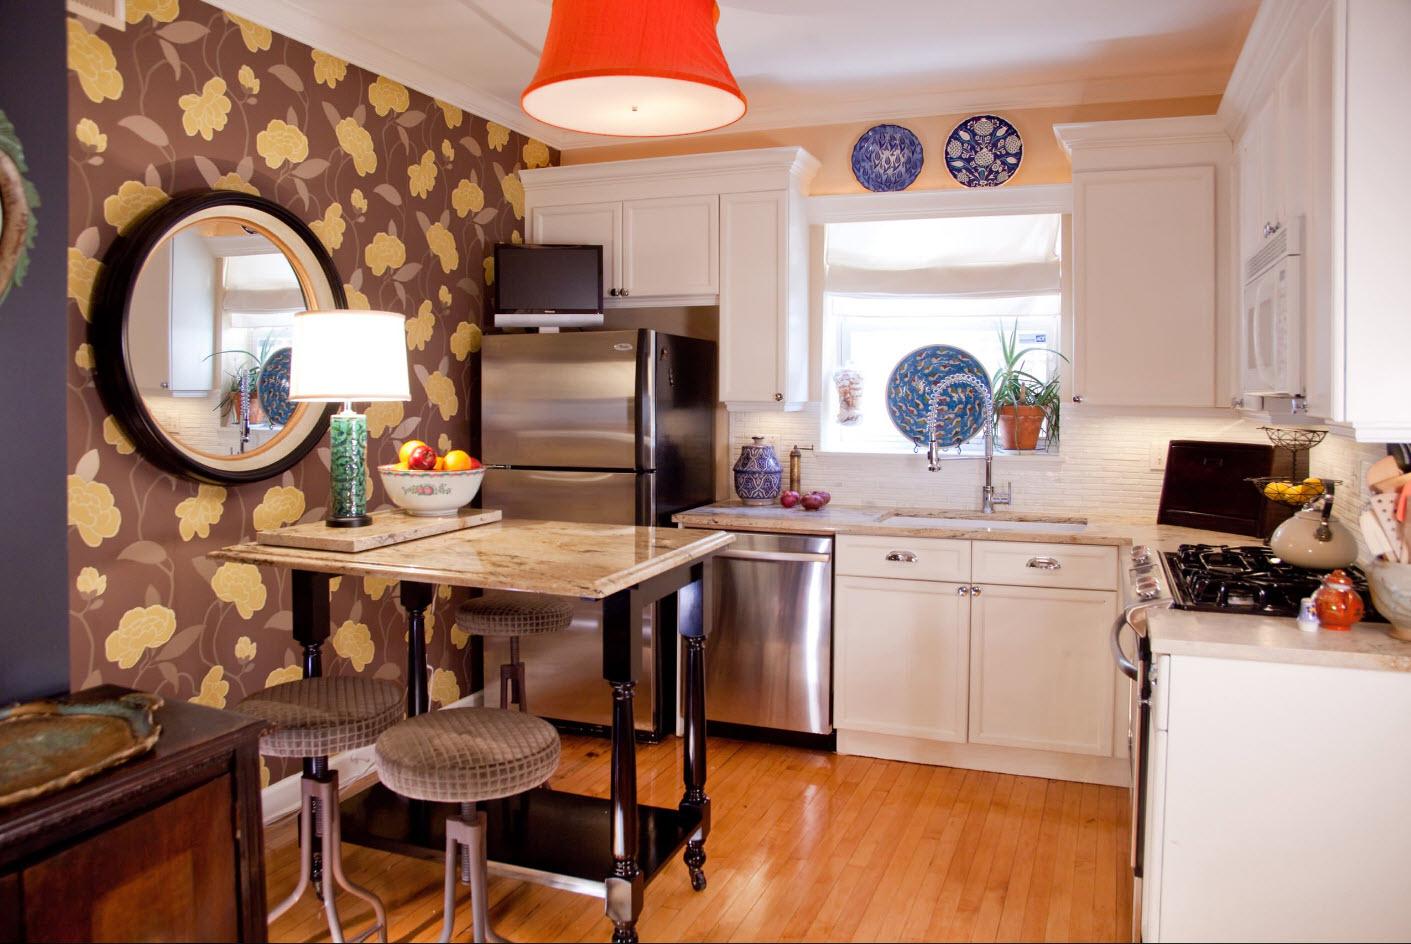 Как сделать уютную кухню своими руками недорого интерьер